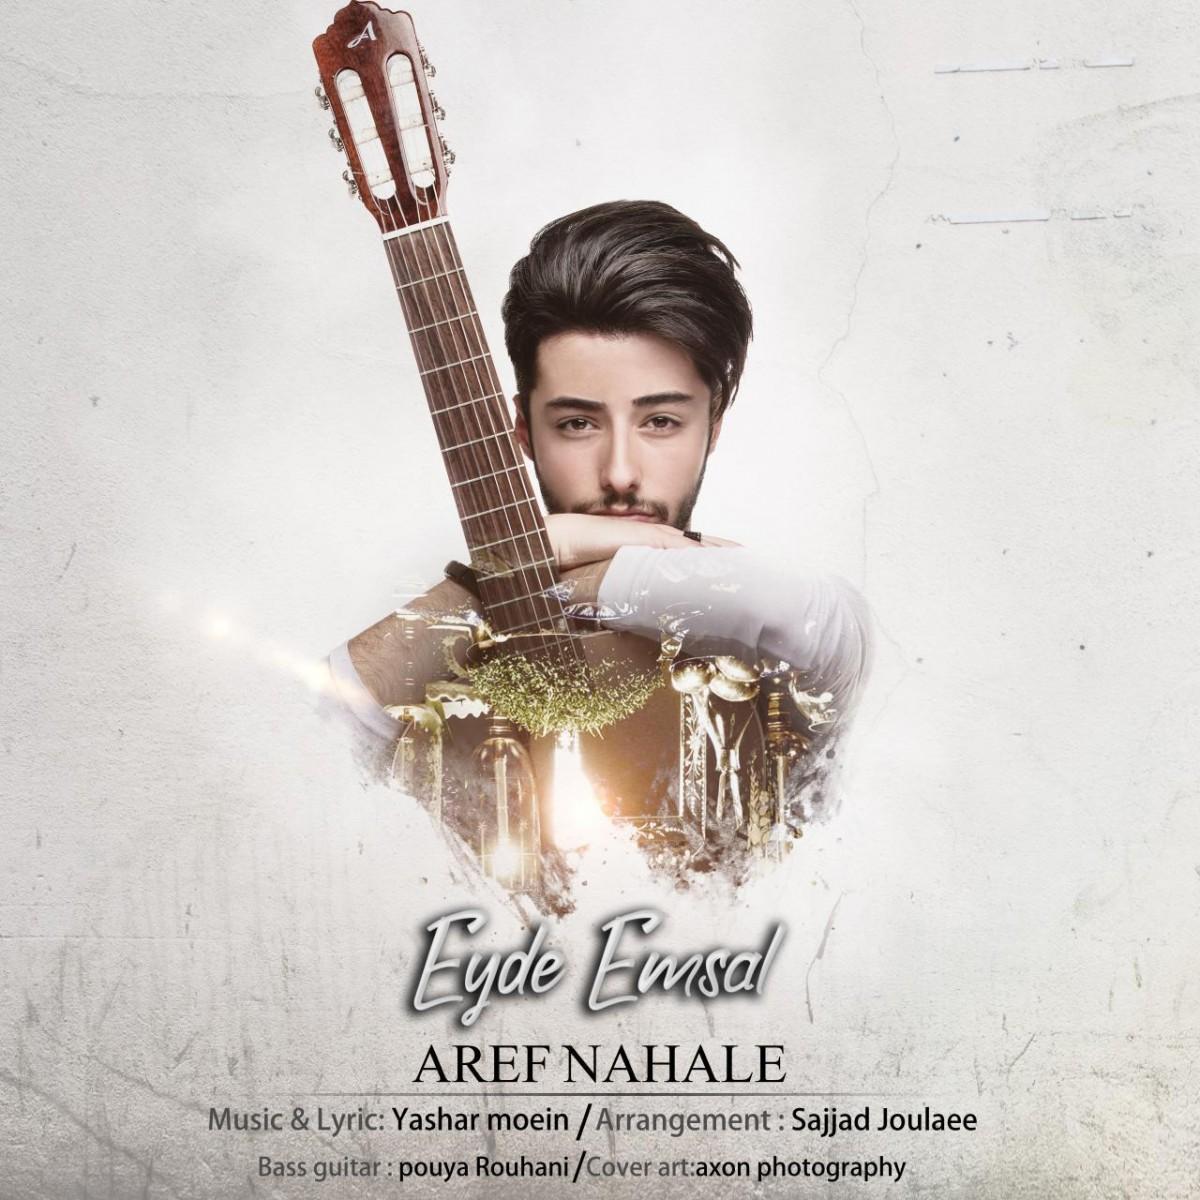 نامبر وان موزیک   دانلود آهنگ جدید Aref-Nahale-Eyde-Emsal